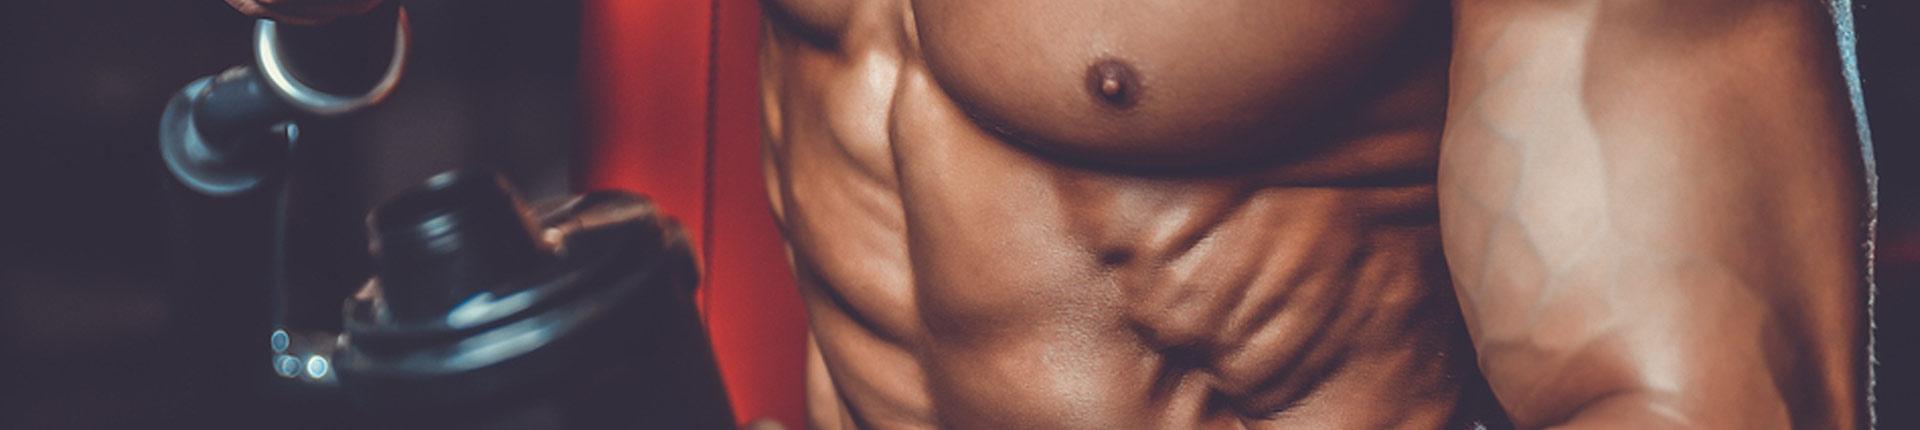 Kreatyna i białko serwatkowe - czy powinny być stosowane razem?